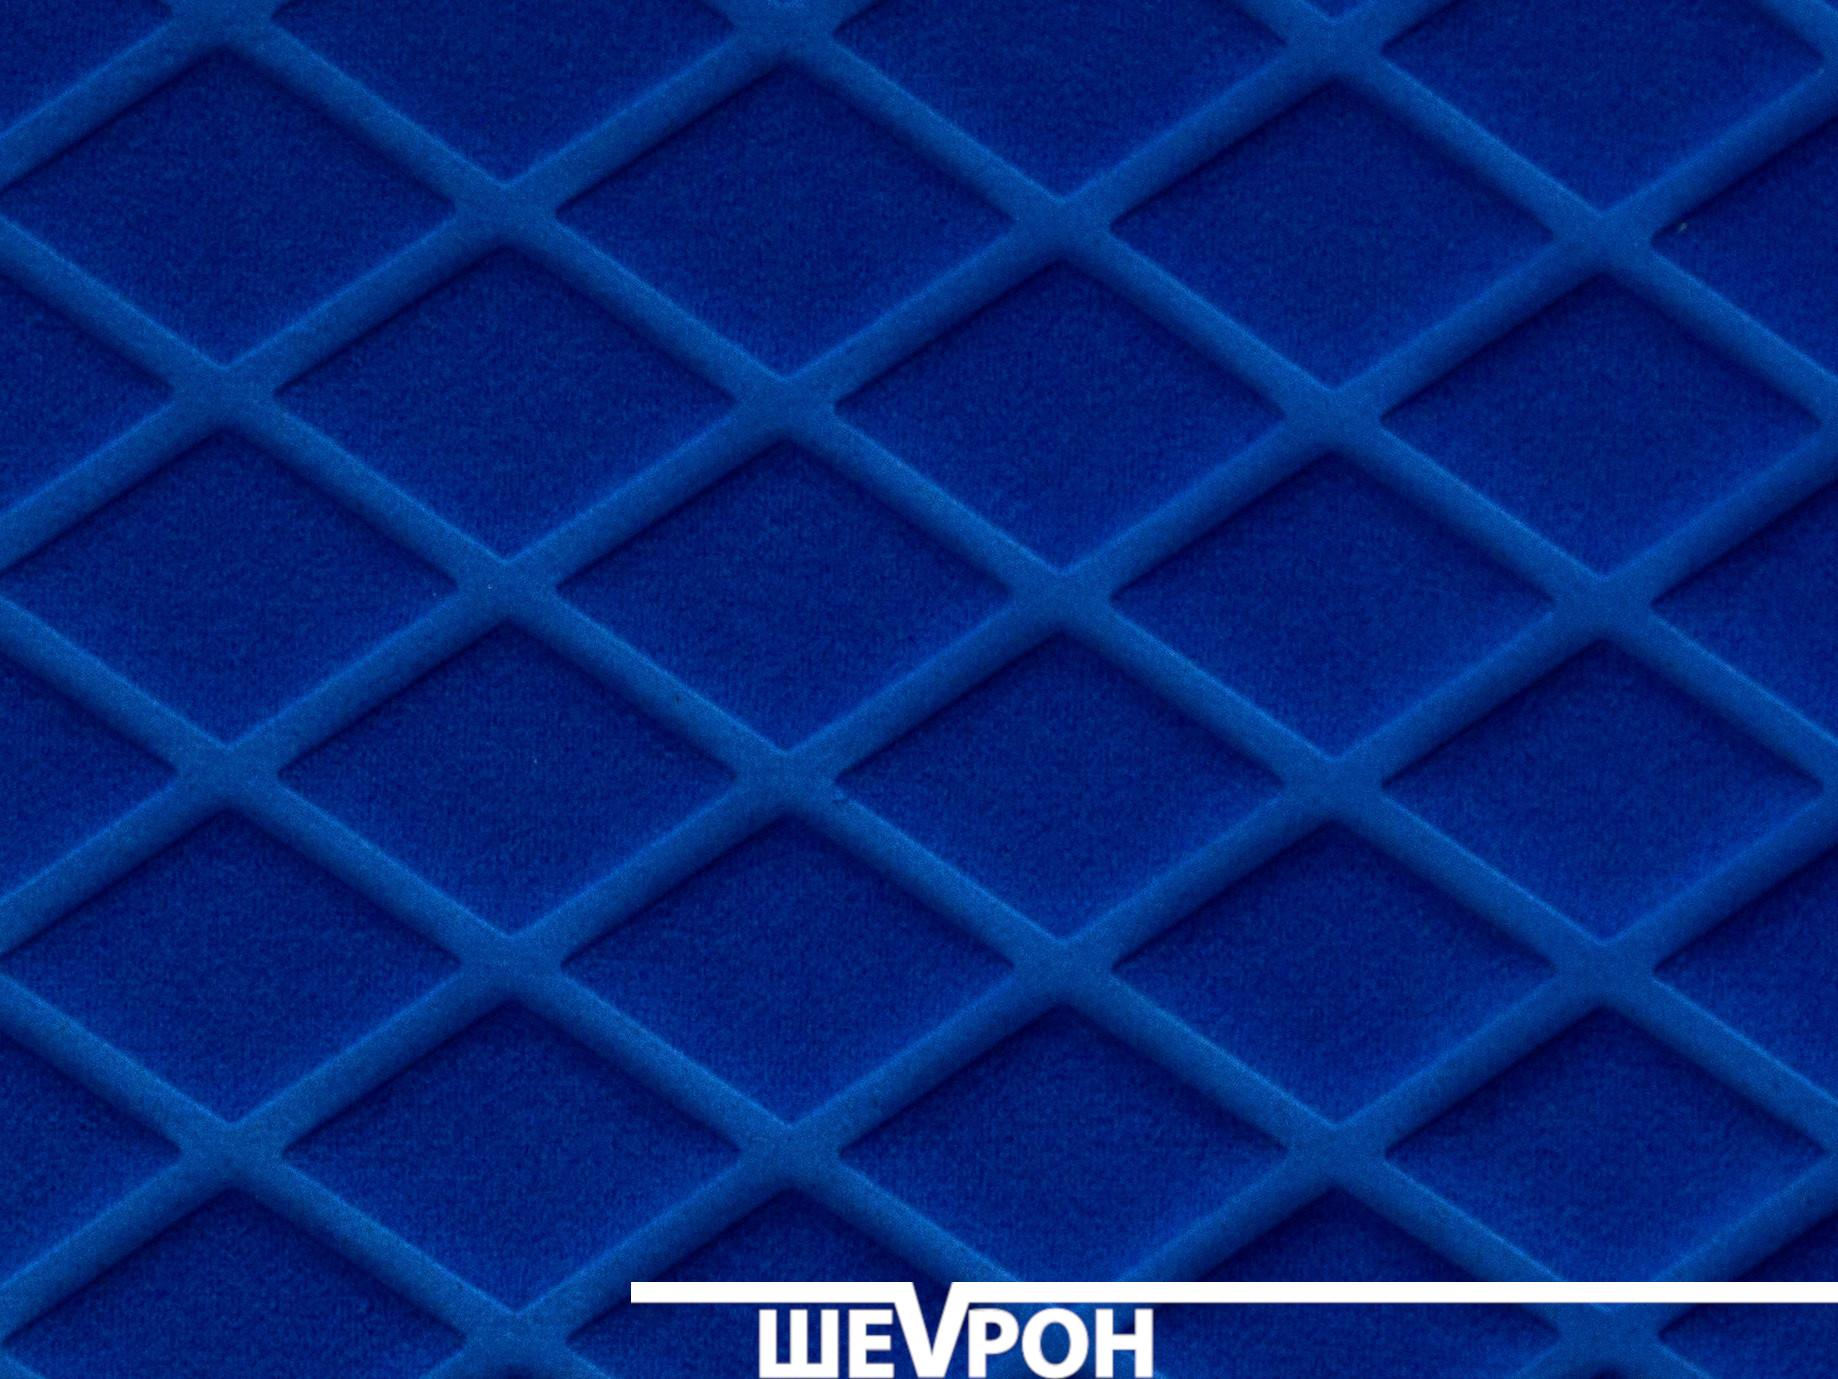 картинка Ткань SOHO M-9 ромб синий от магазина Шеврон